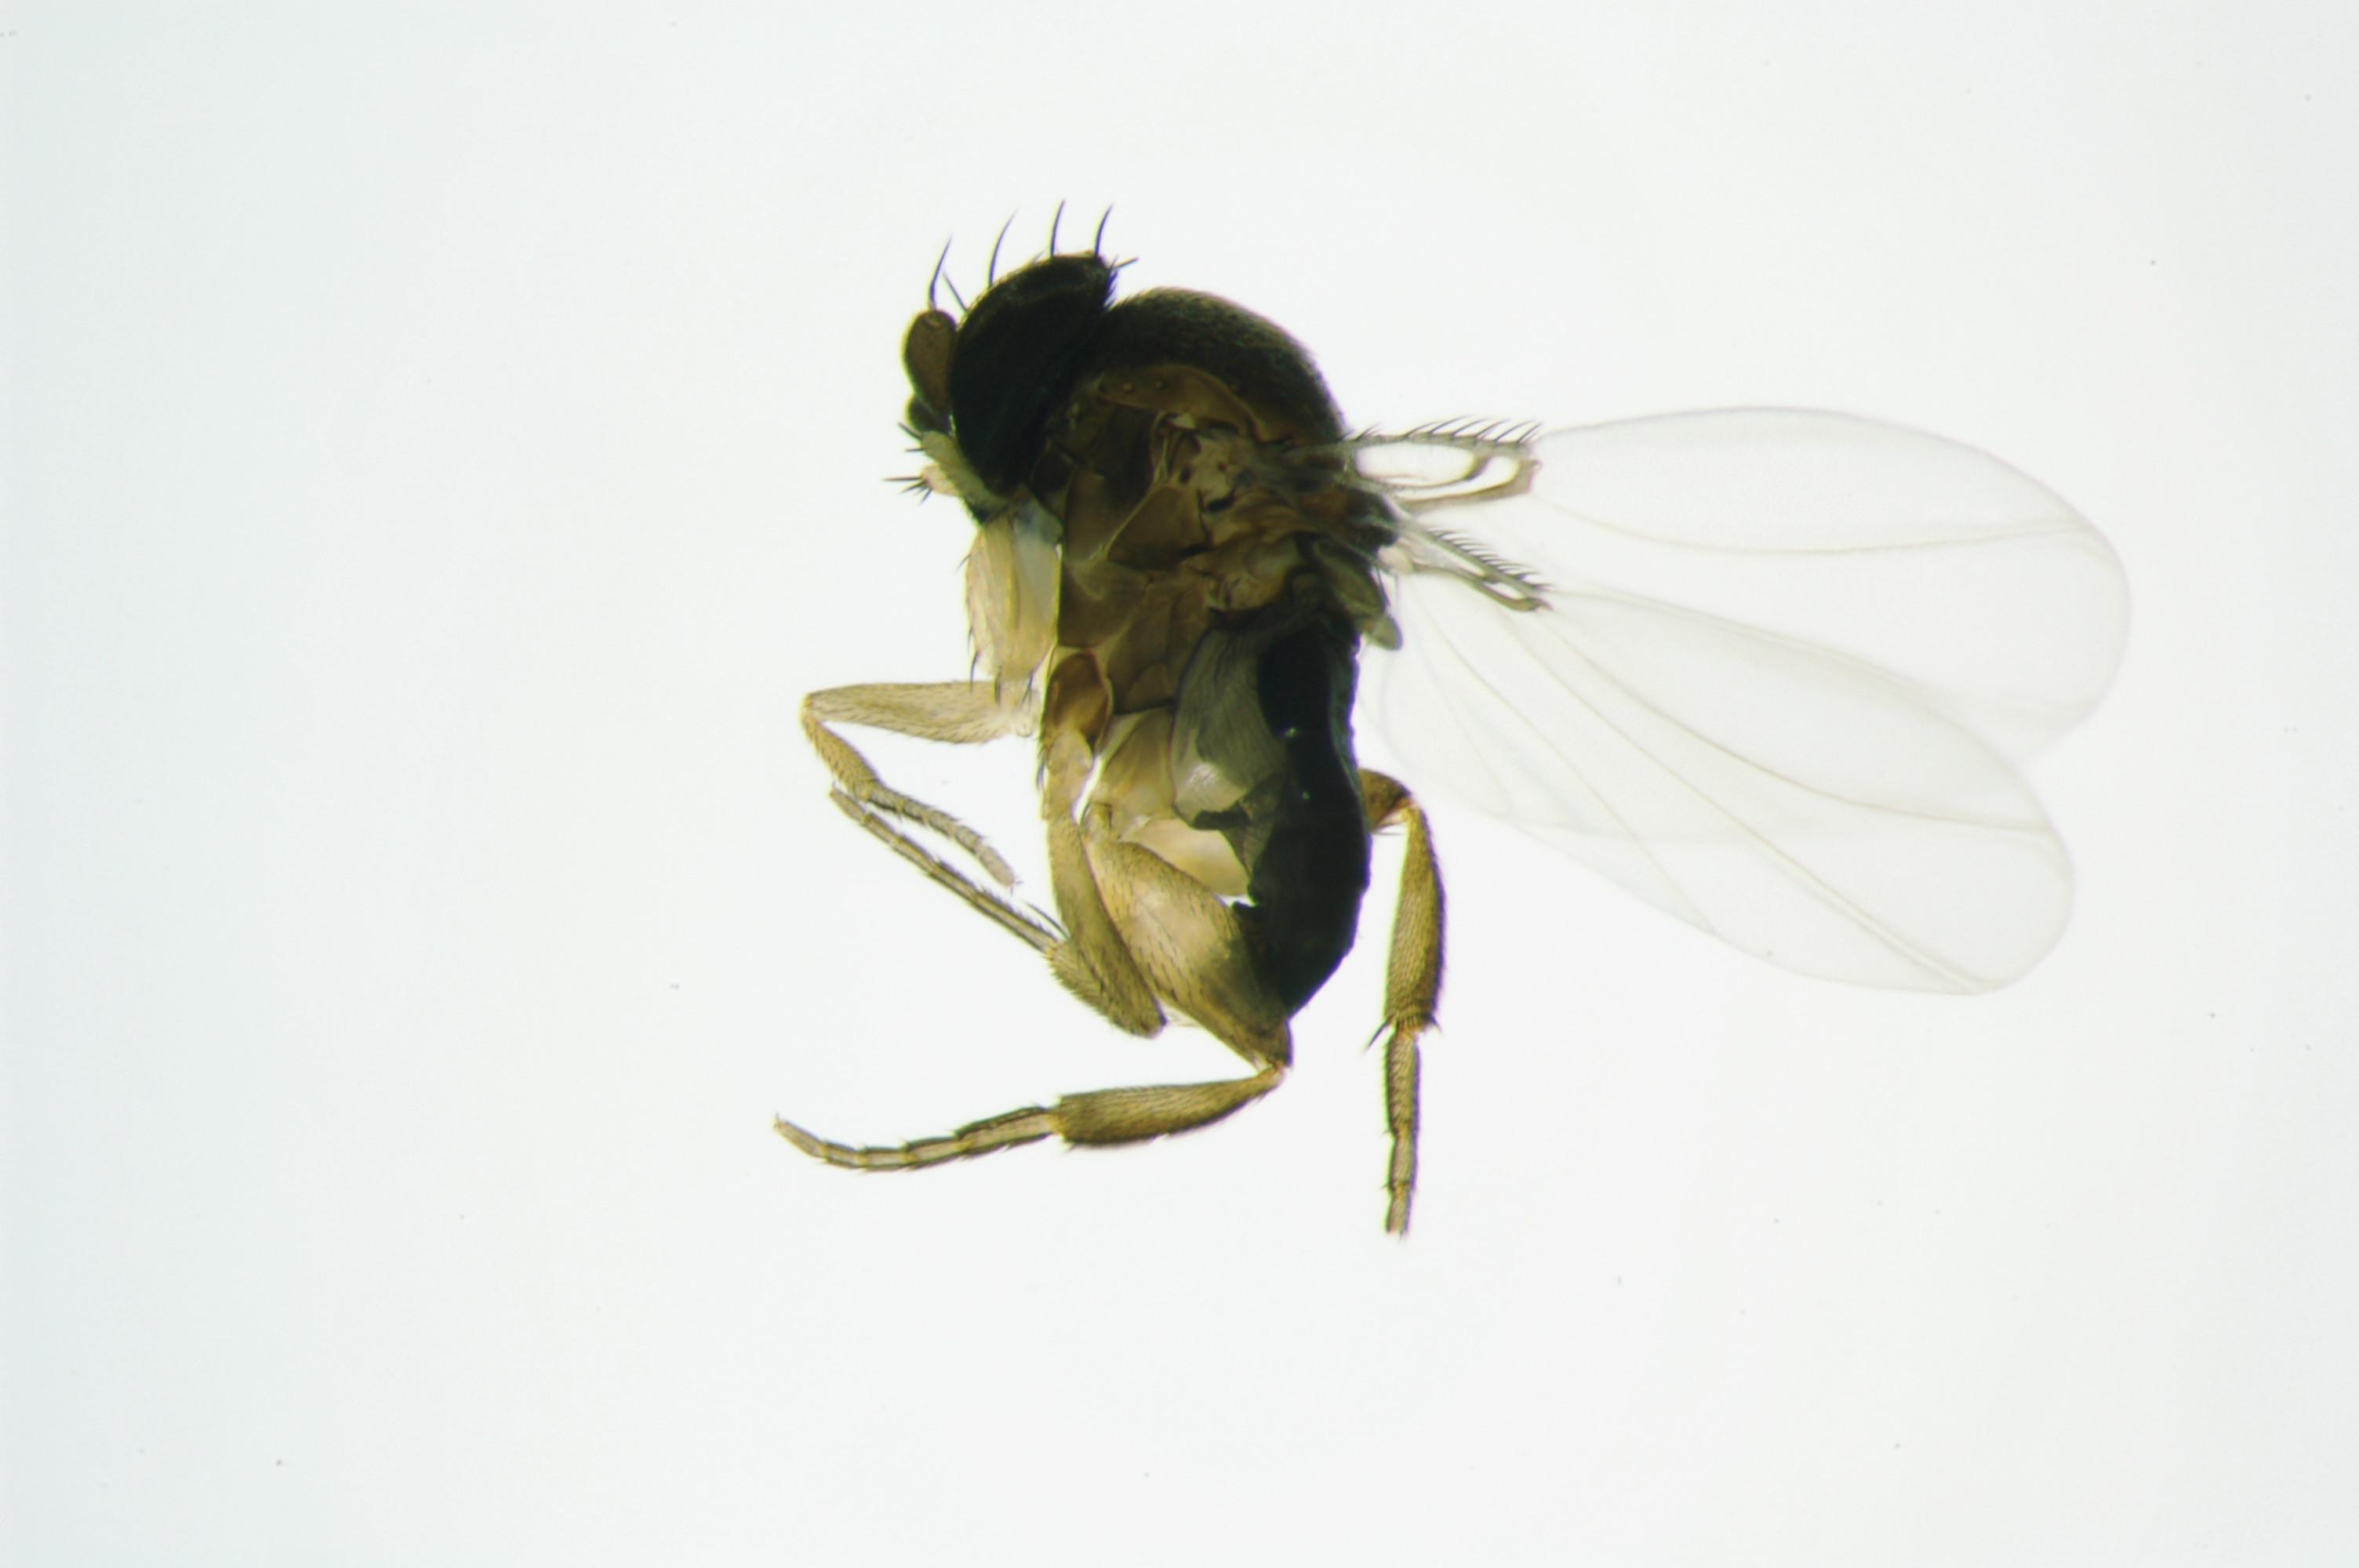 Antdecapitatingfly_Pseudacteon_wings_15245